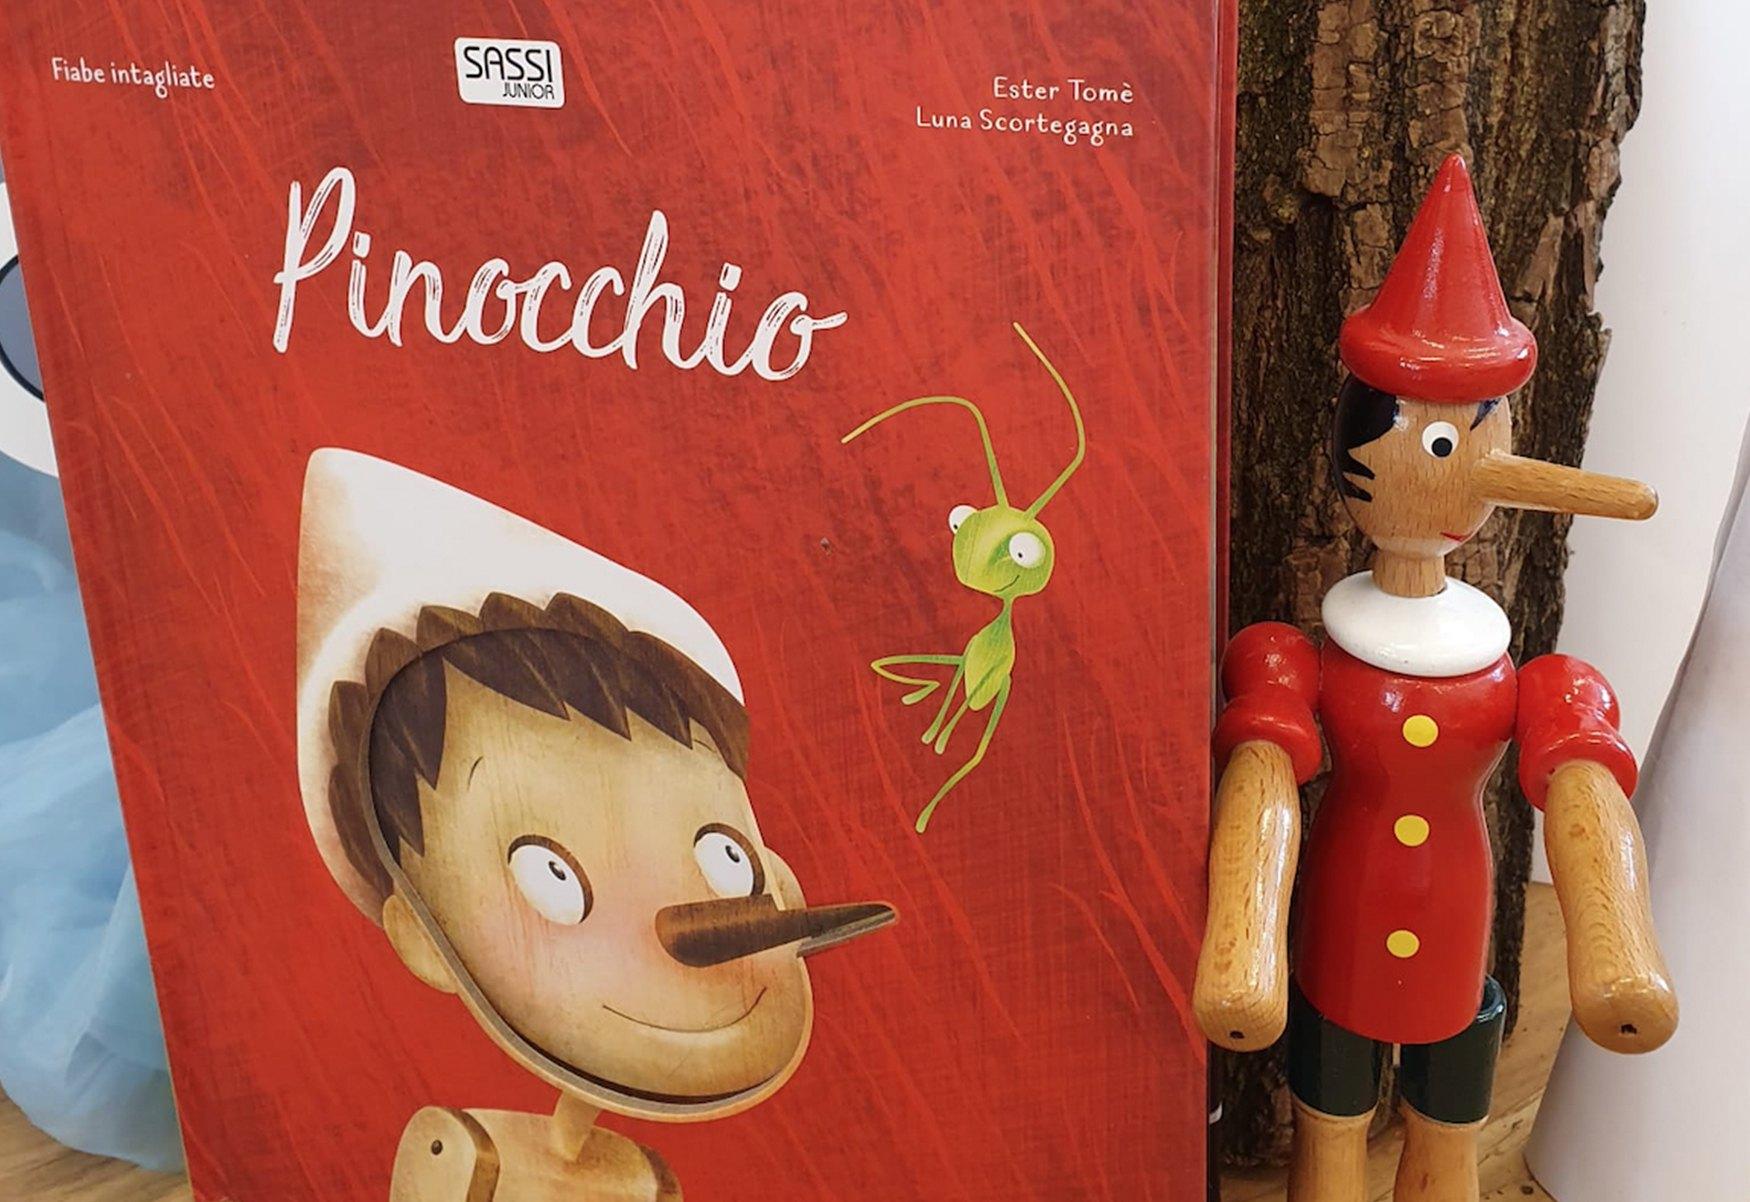 Pinocchio Il Filo Conduttore Del Piano Formativo 2020 2021